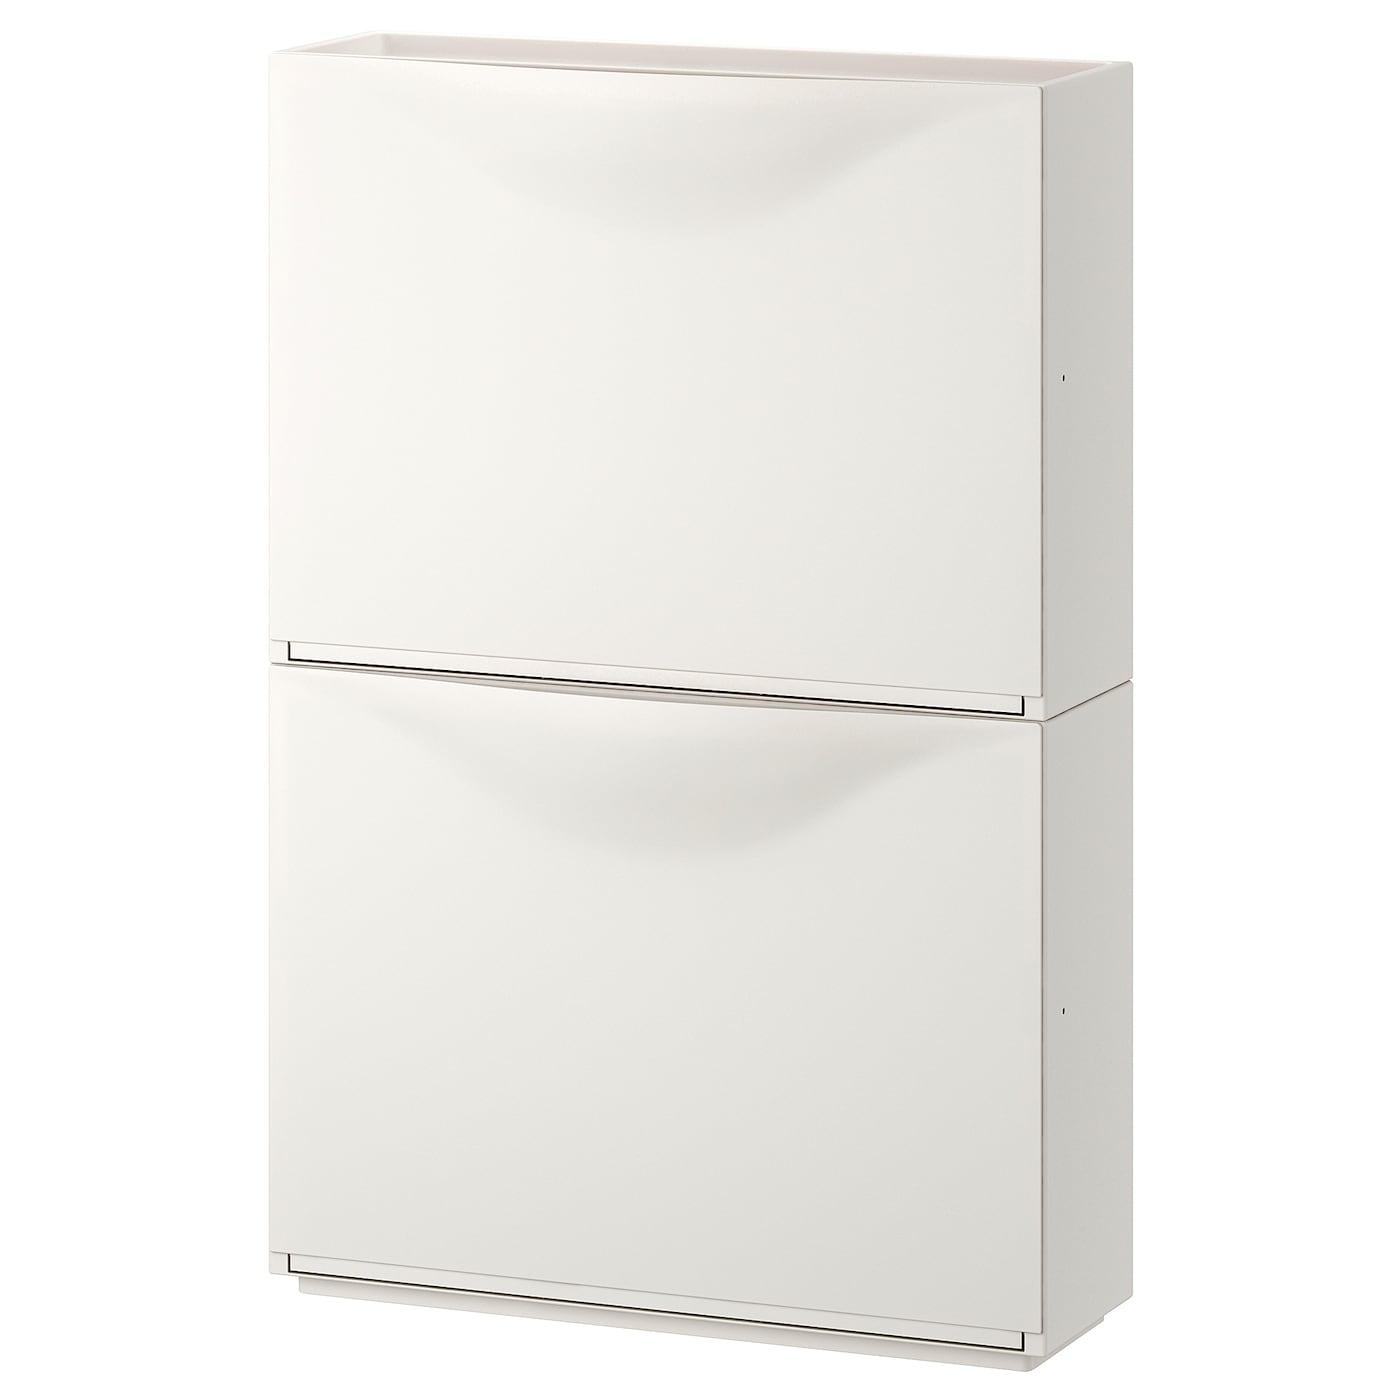 Schoenenkast Laag Model.Schoenenkast Hal Ikea